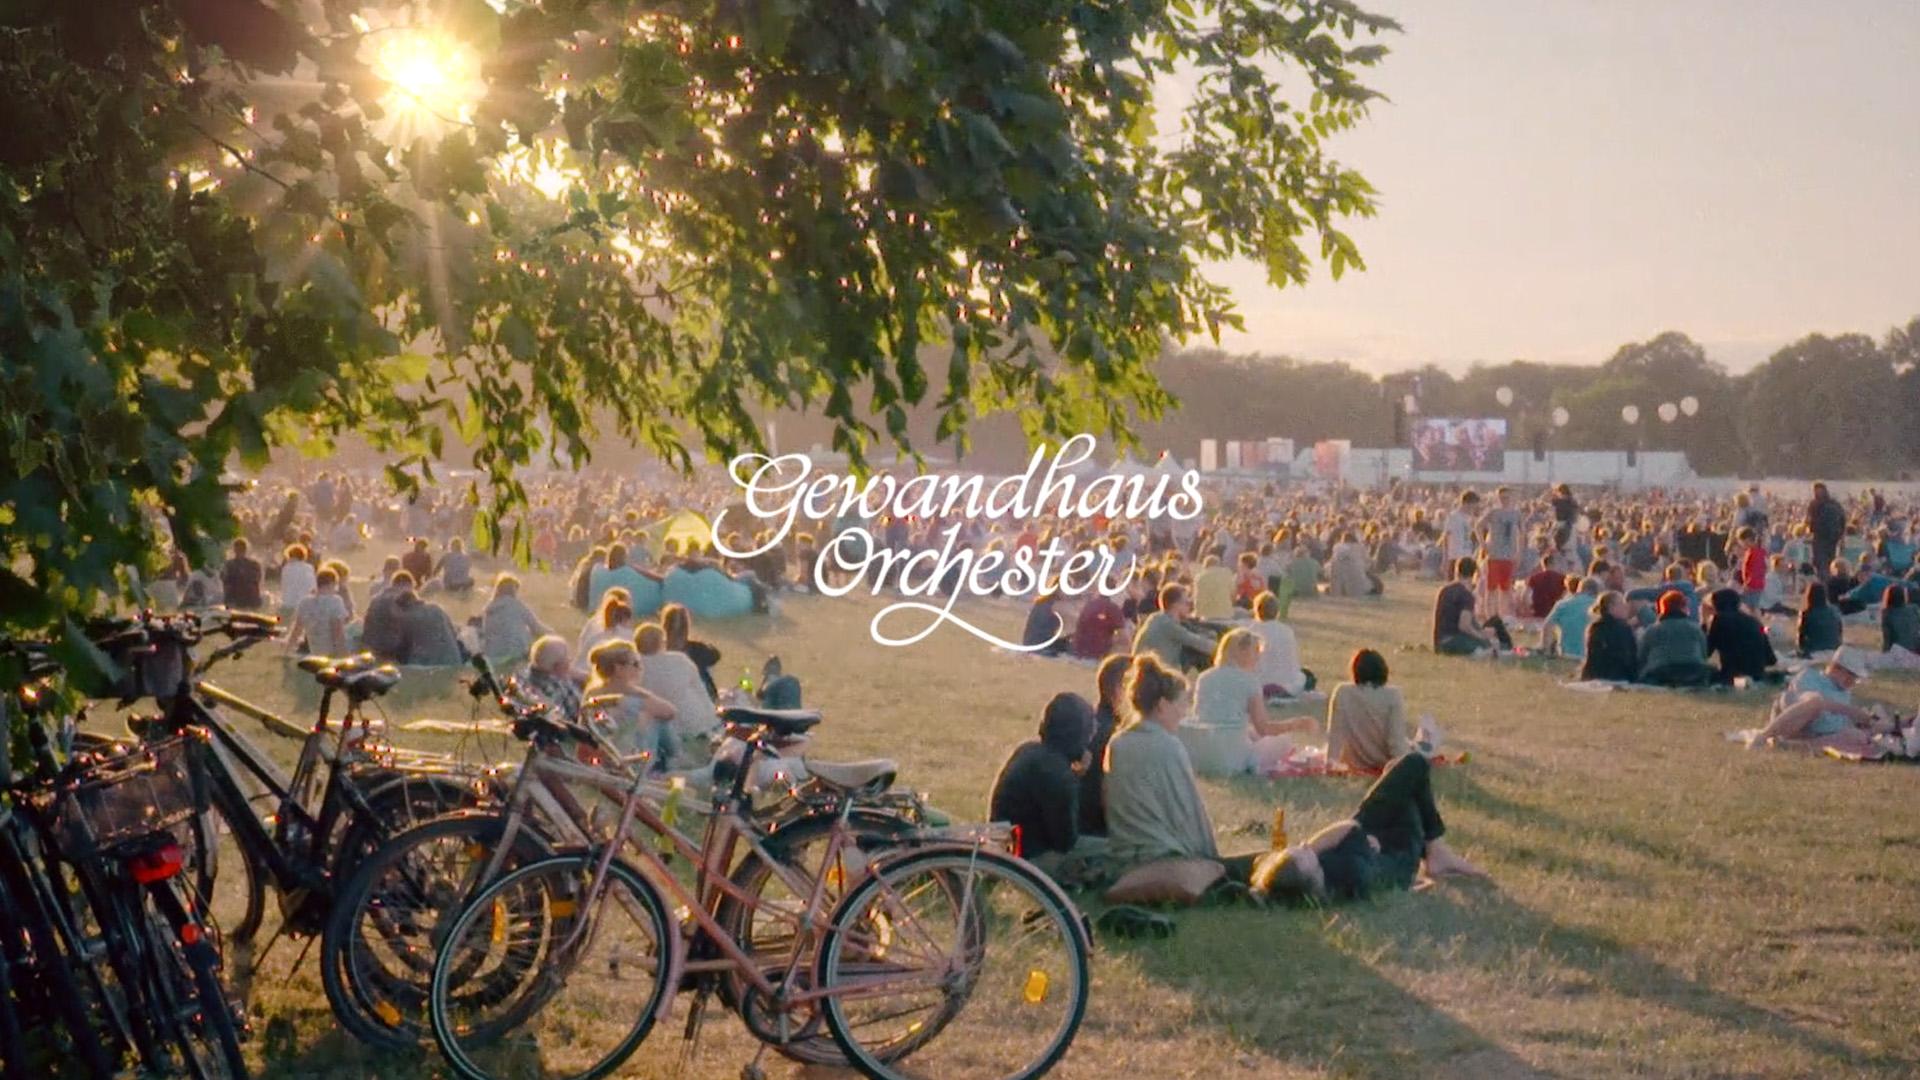 Filmproduktion Imagefilm Eventfilm Klassik airleben Leipzig Gewandhaus Orchester